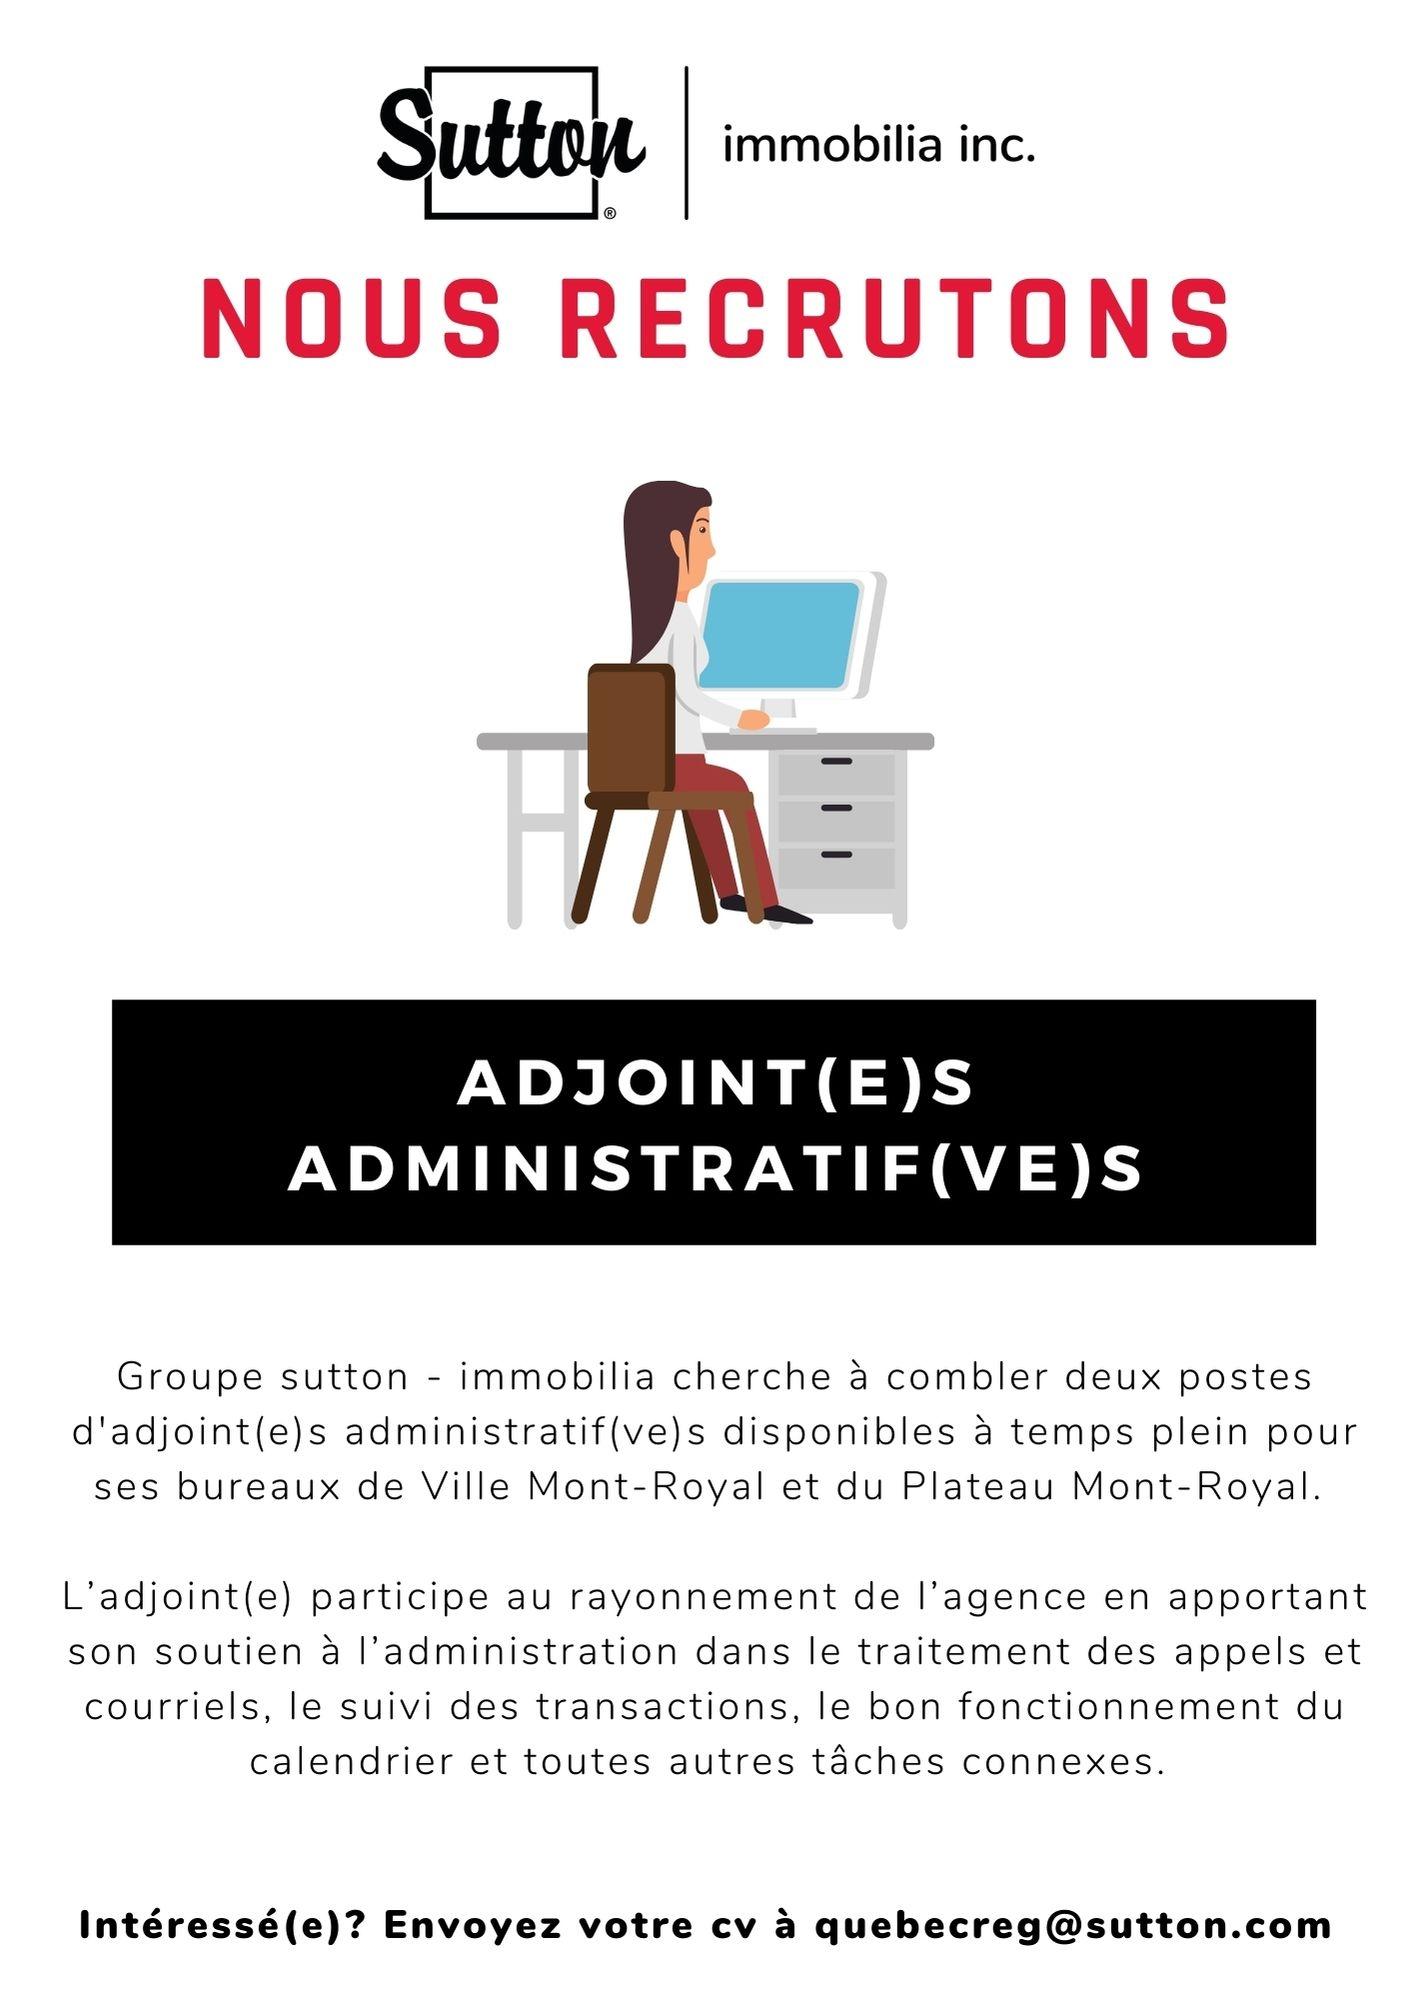 Postes d'adjointe administrative ou adjoint administratif pour groupe sutton - immobilia à Montréal